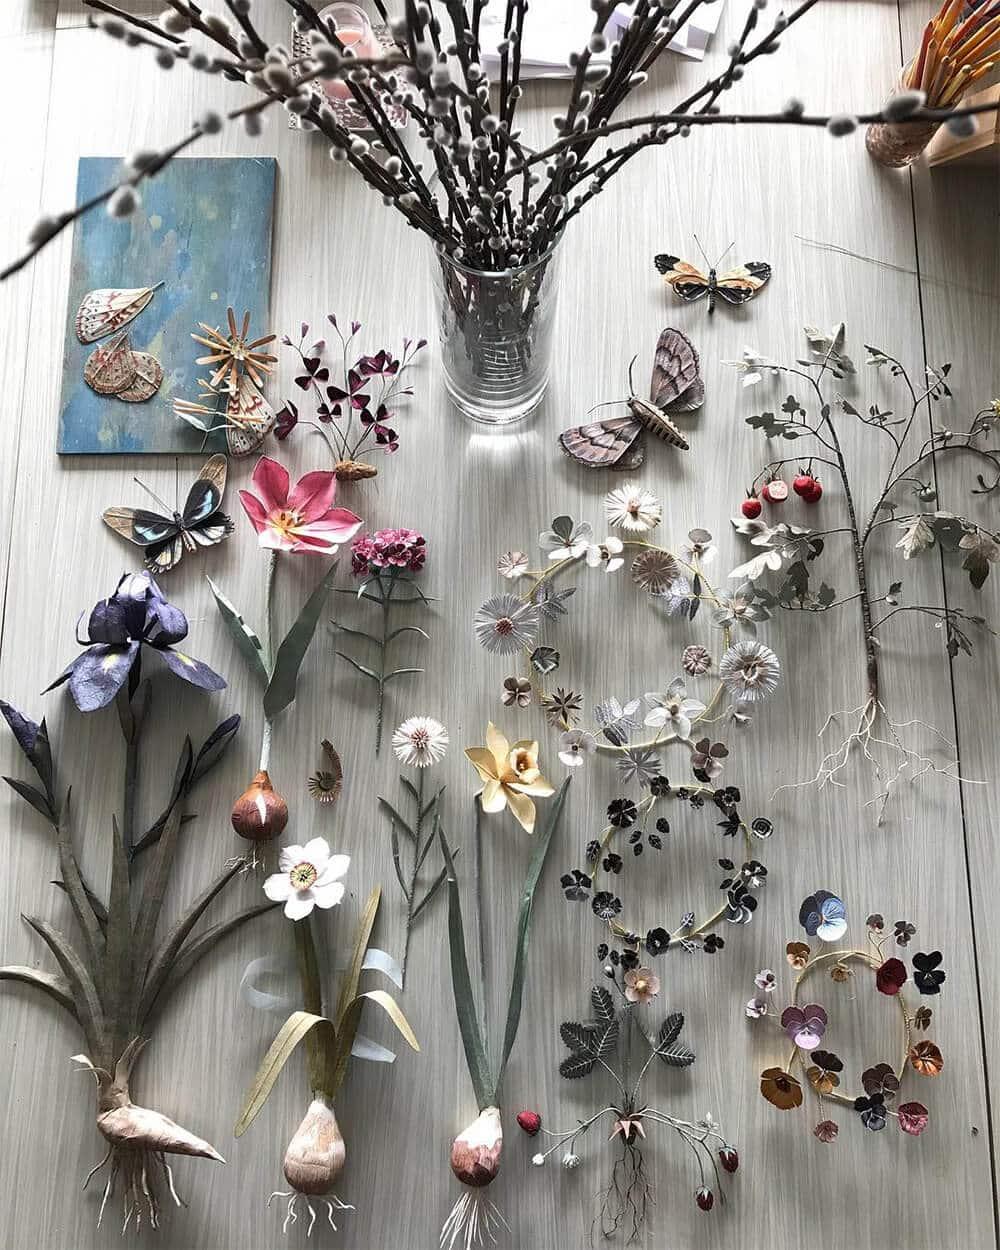 Бумажные модели флоры и фауны, фото 3